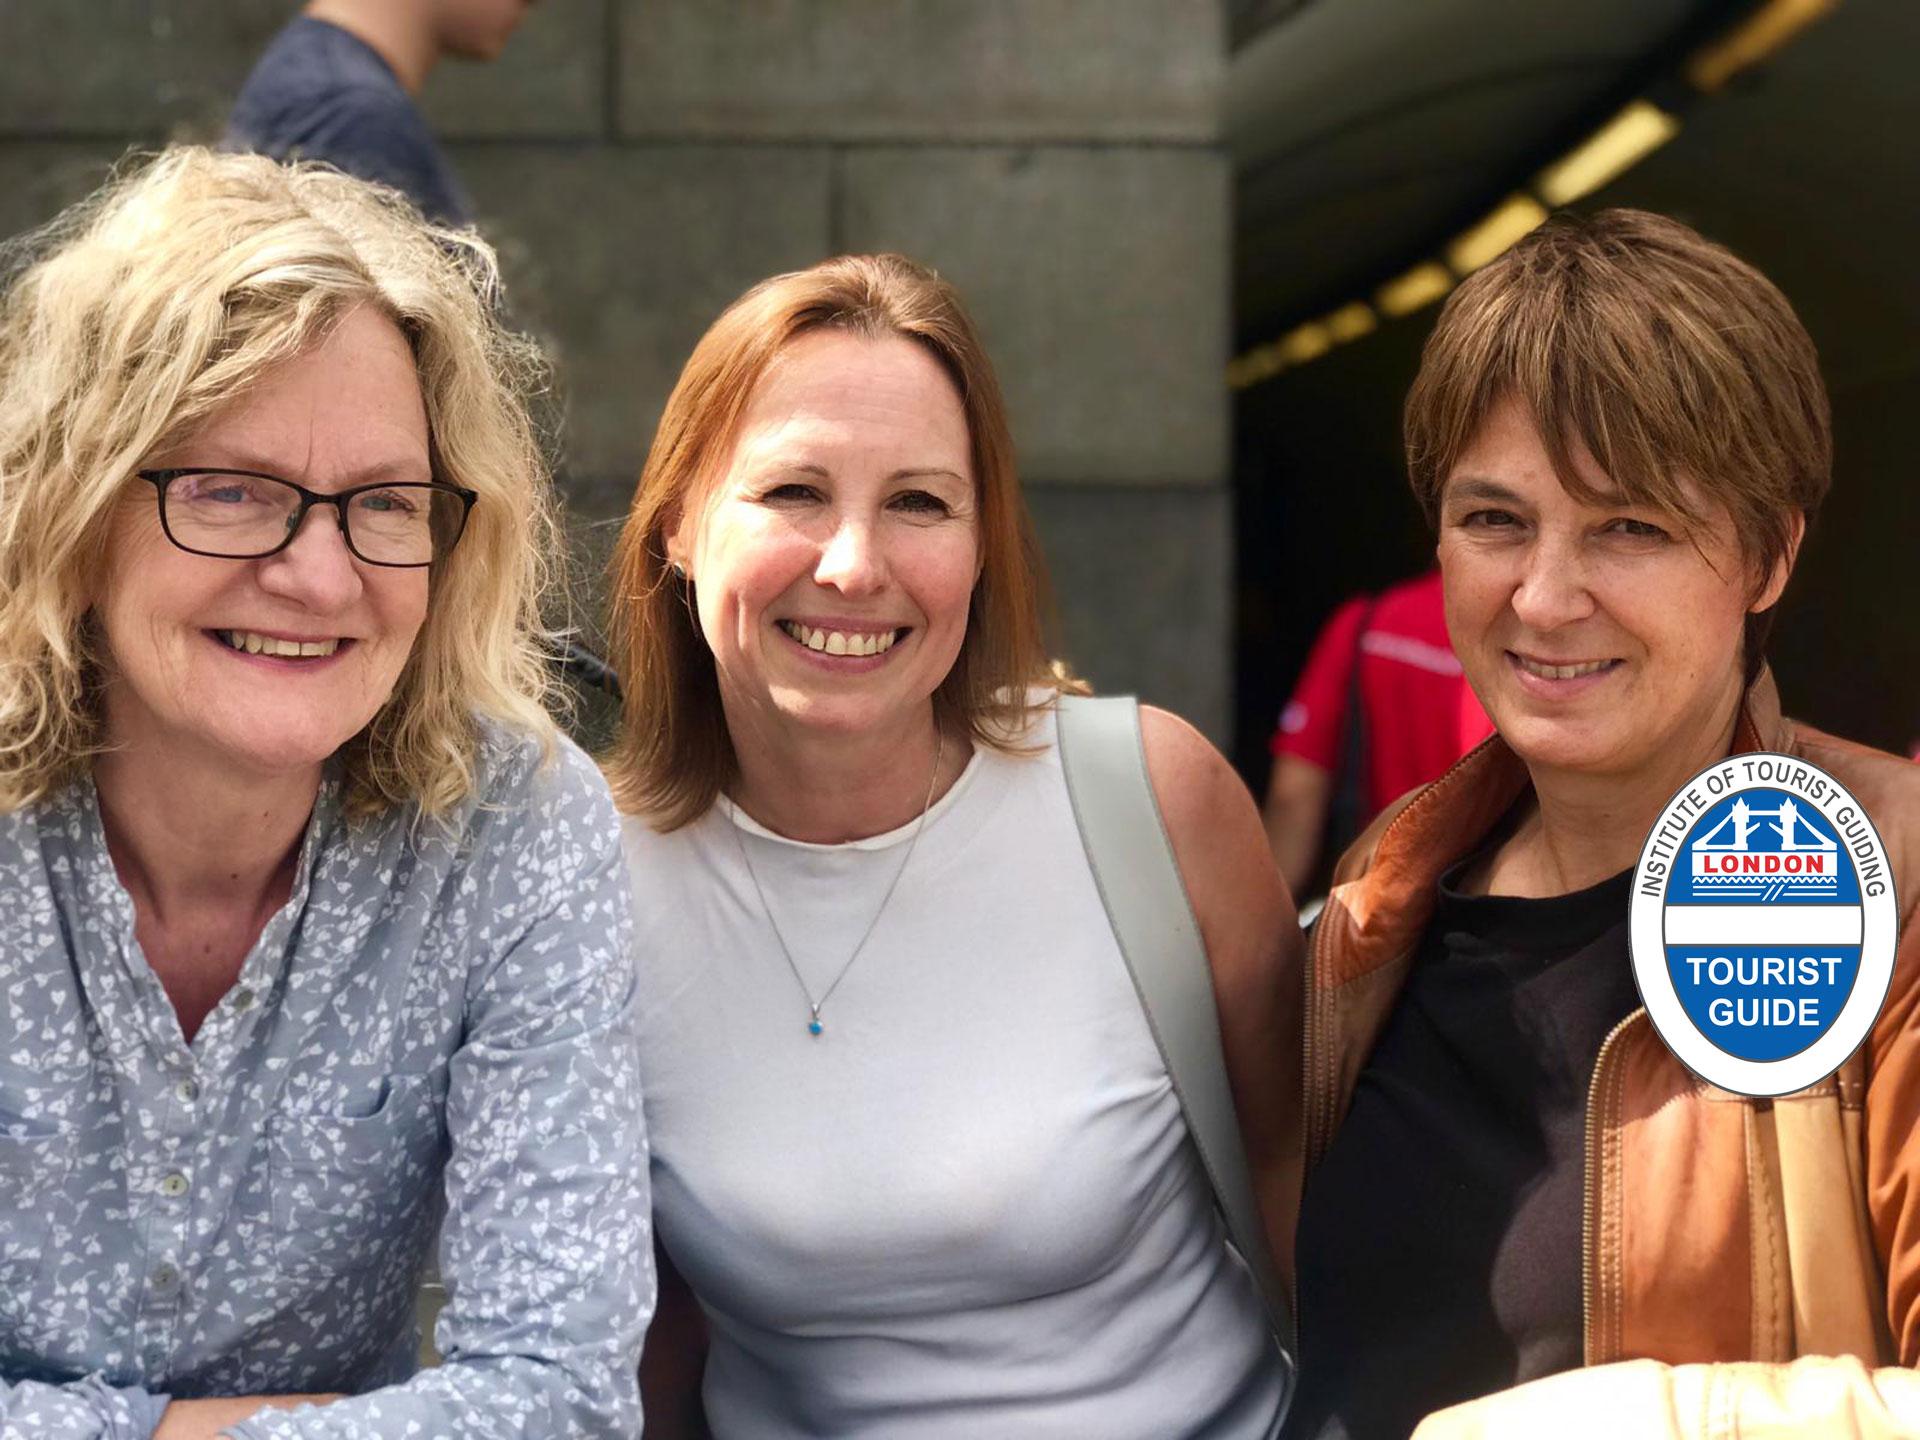 Jill Cook, Jackie Clare & Ildi Pelikan - take Me to London